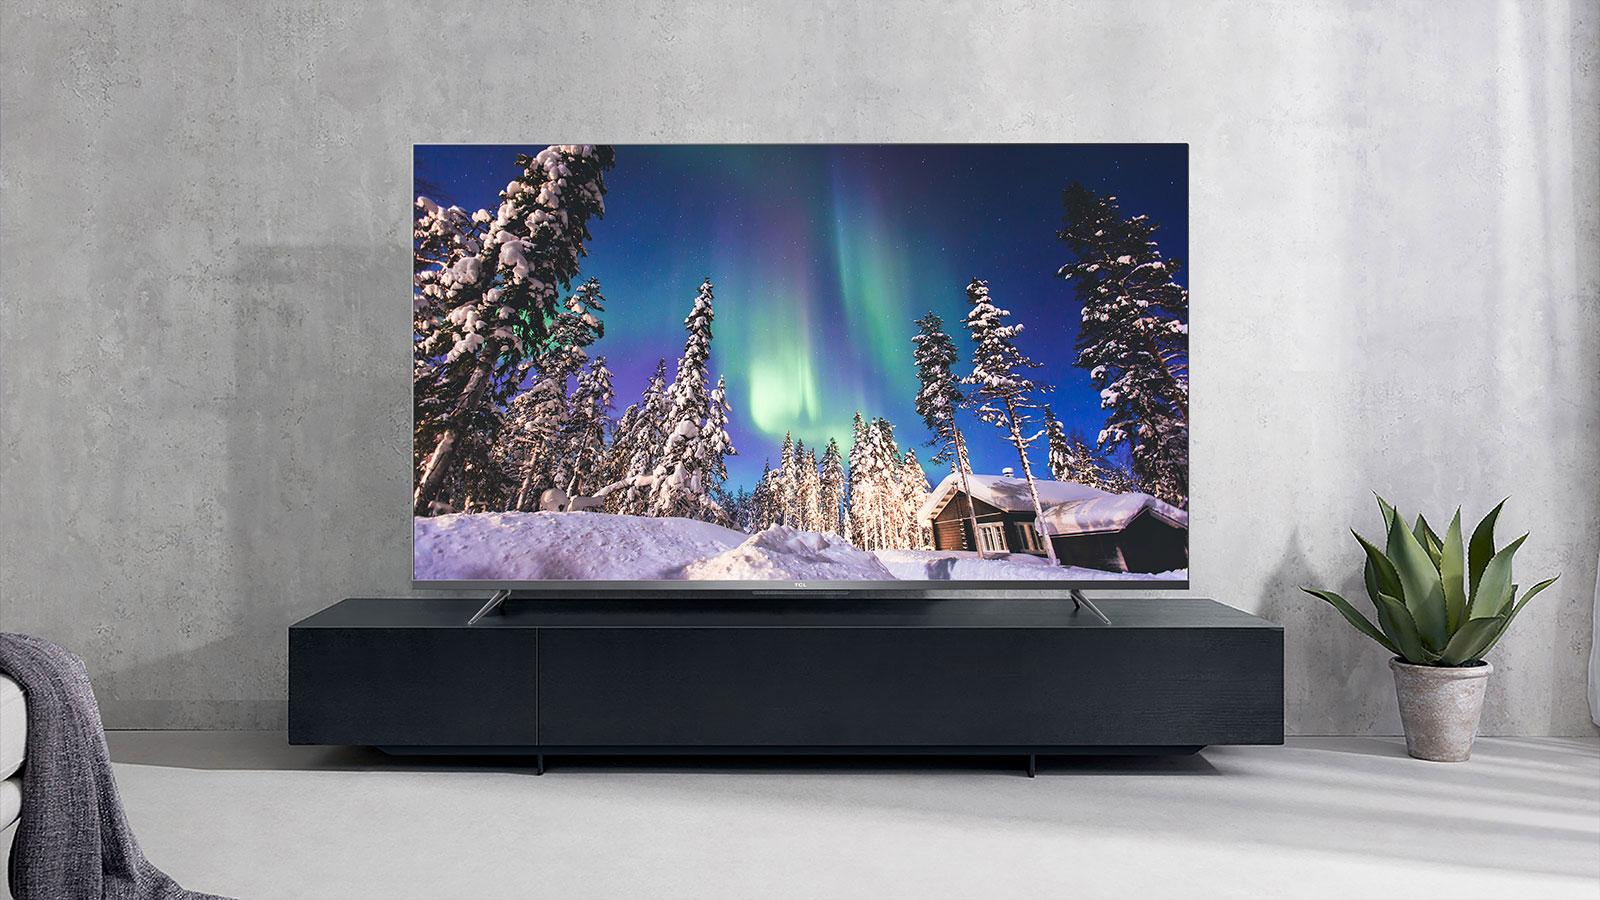 Televisor p715 de 75 polegadas em cima de uma bancada